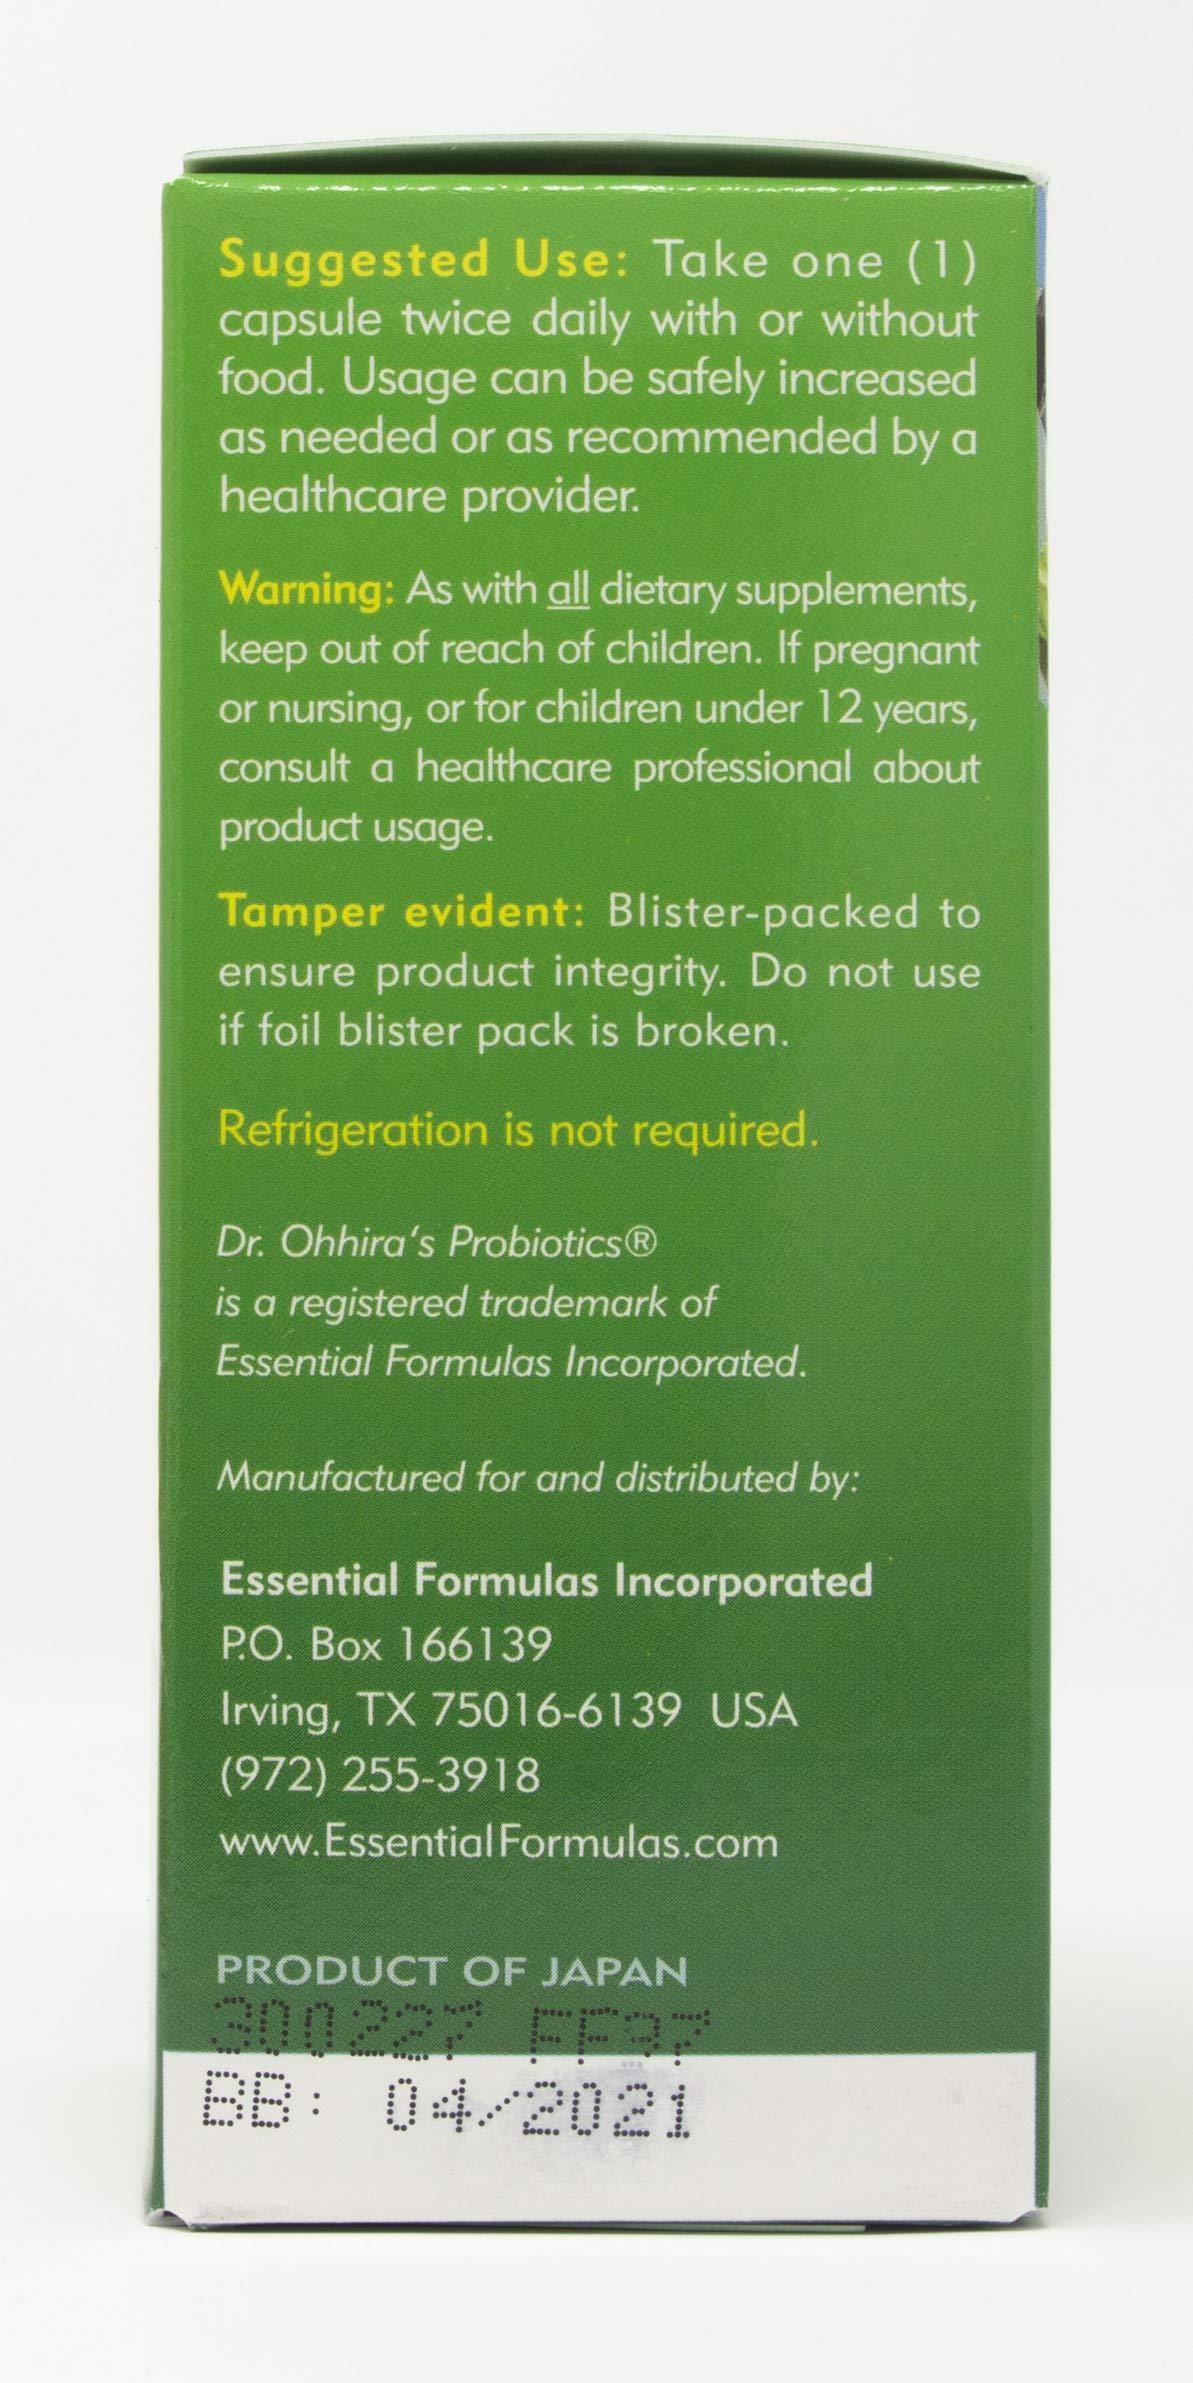 Dr. Ohhira's Probiotics, Original Formula, 60 Caps with Bonus 10 Capsule Travel Pack by Essential Formulas (Image #3)